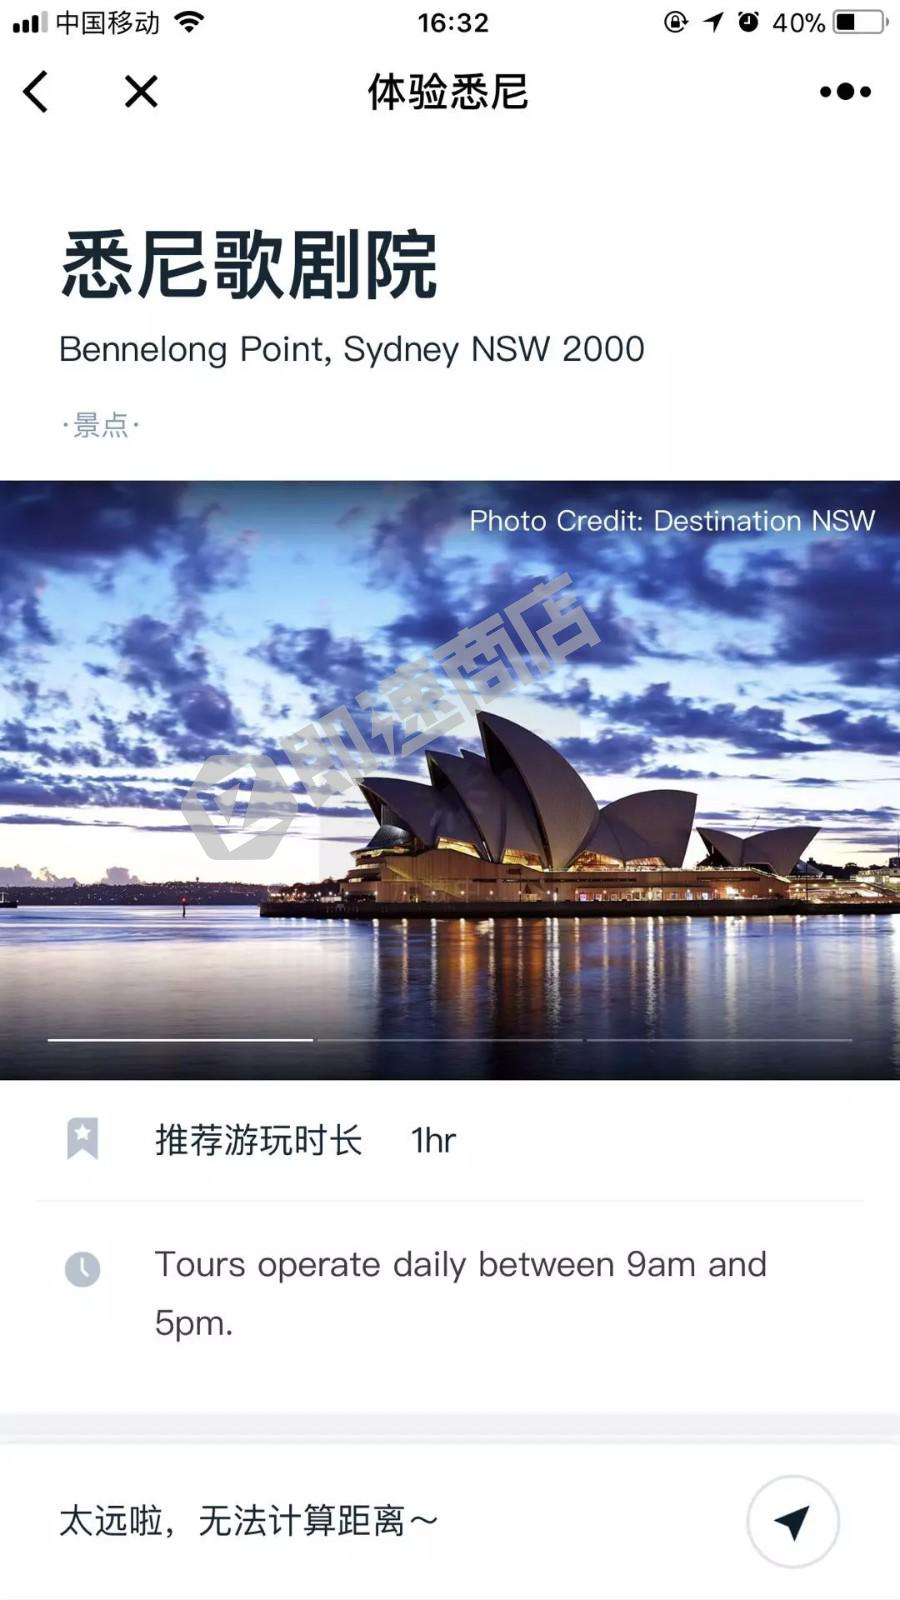 体验悉尼小程序首页截图